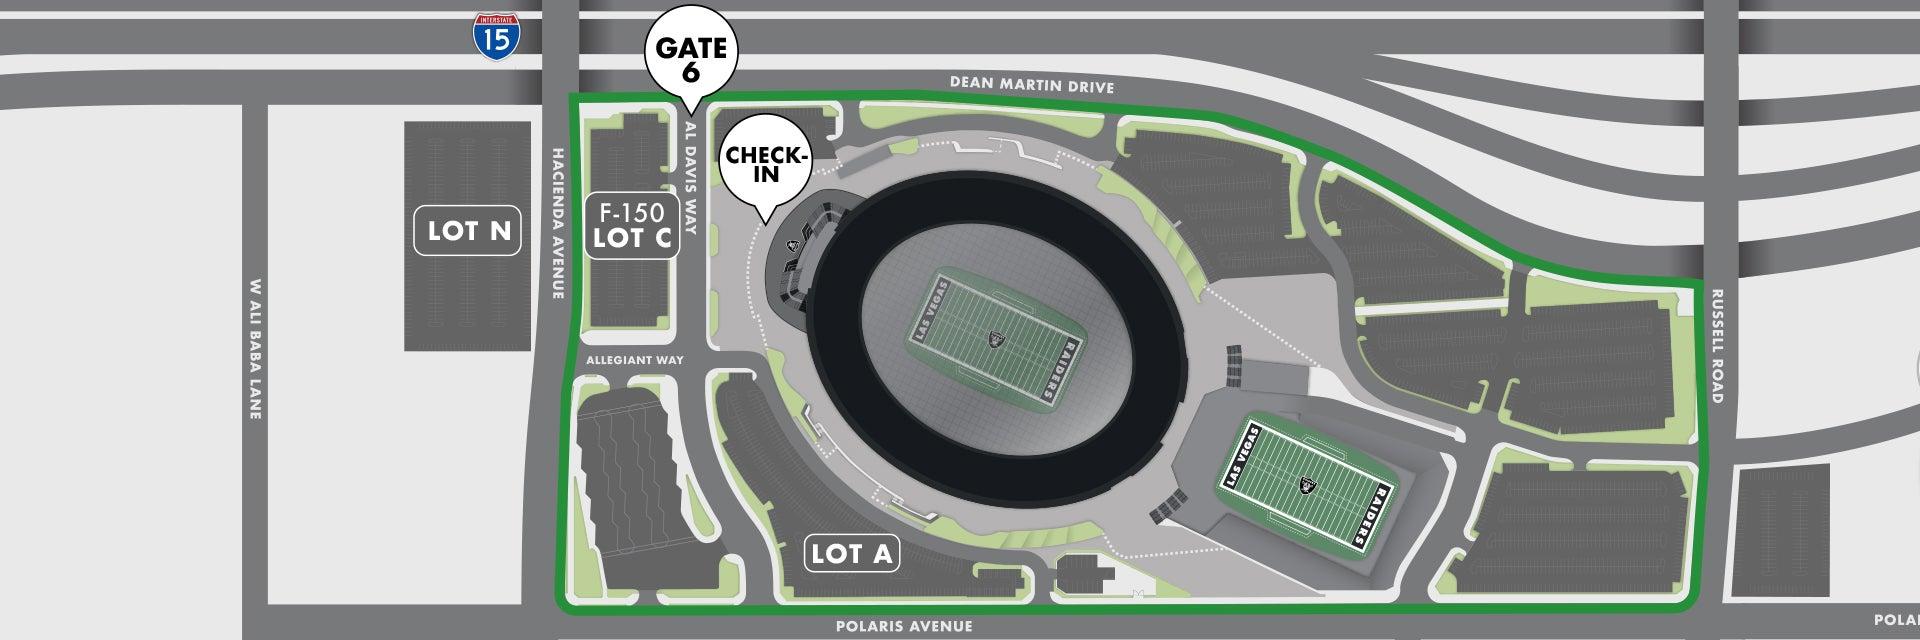 Allegiant Stadium Tours Parking Map